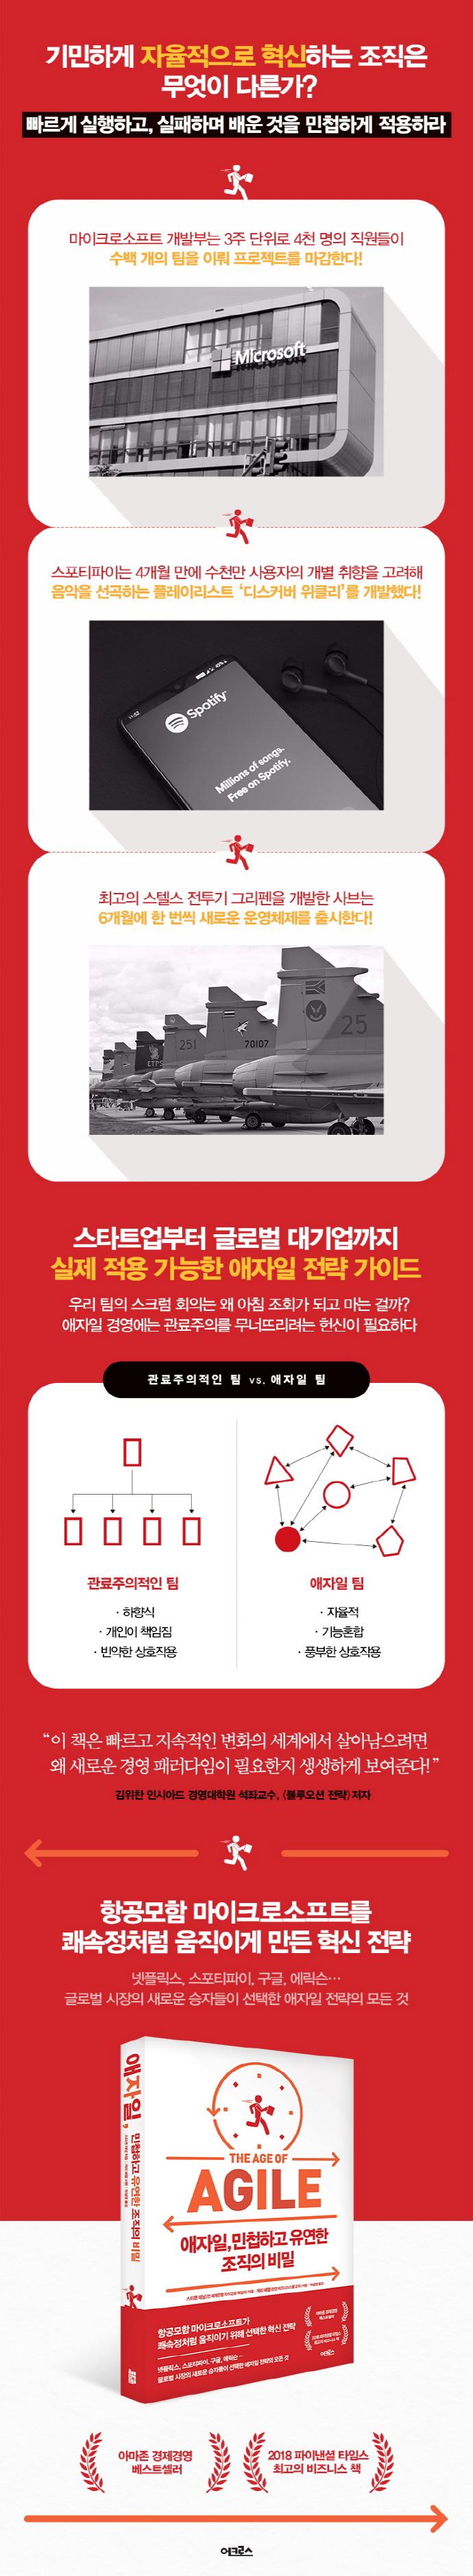 애자일, 민첩하고 유연한 조직의 비밀 도서 상세이미지